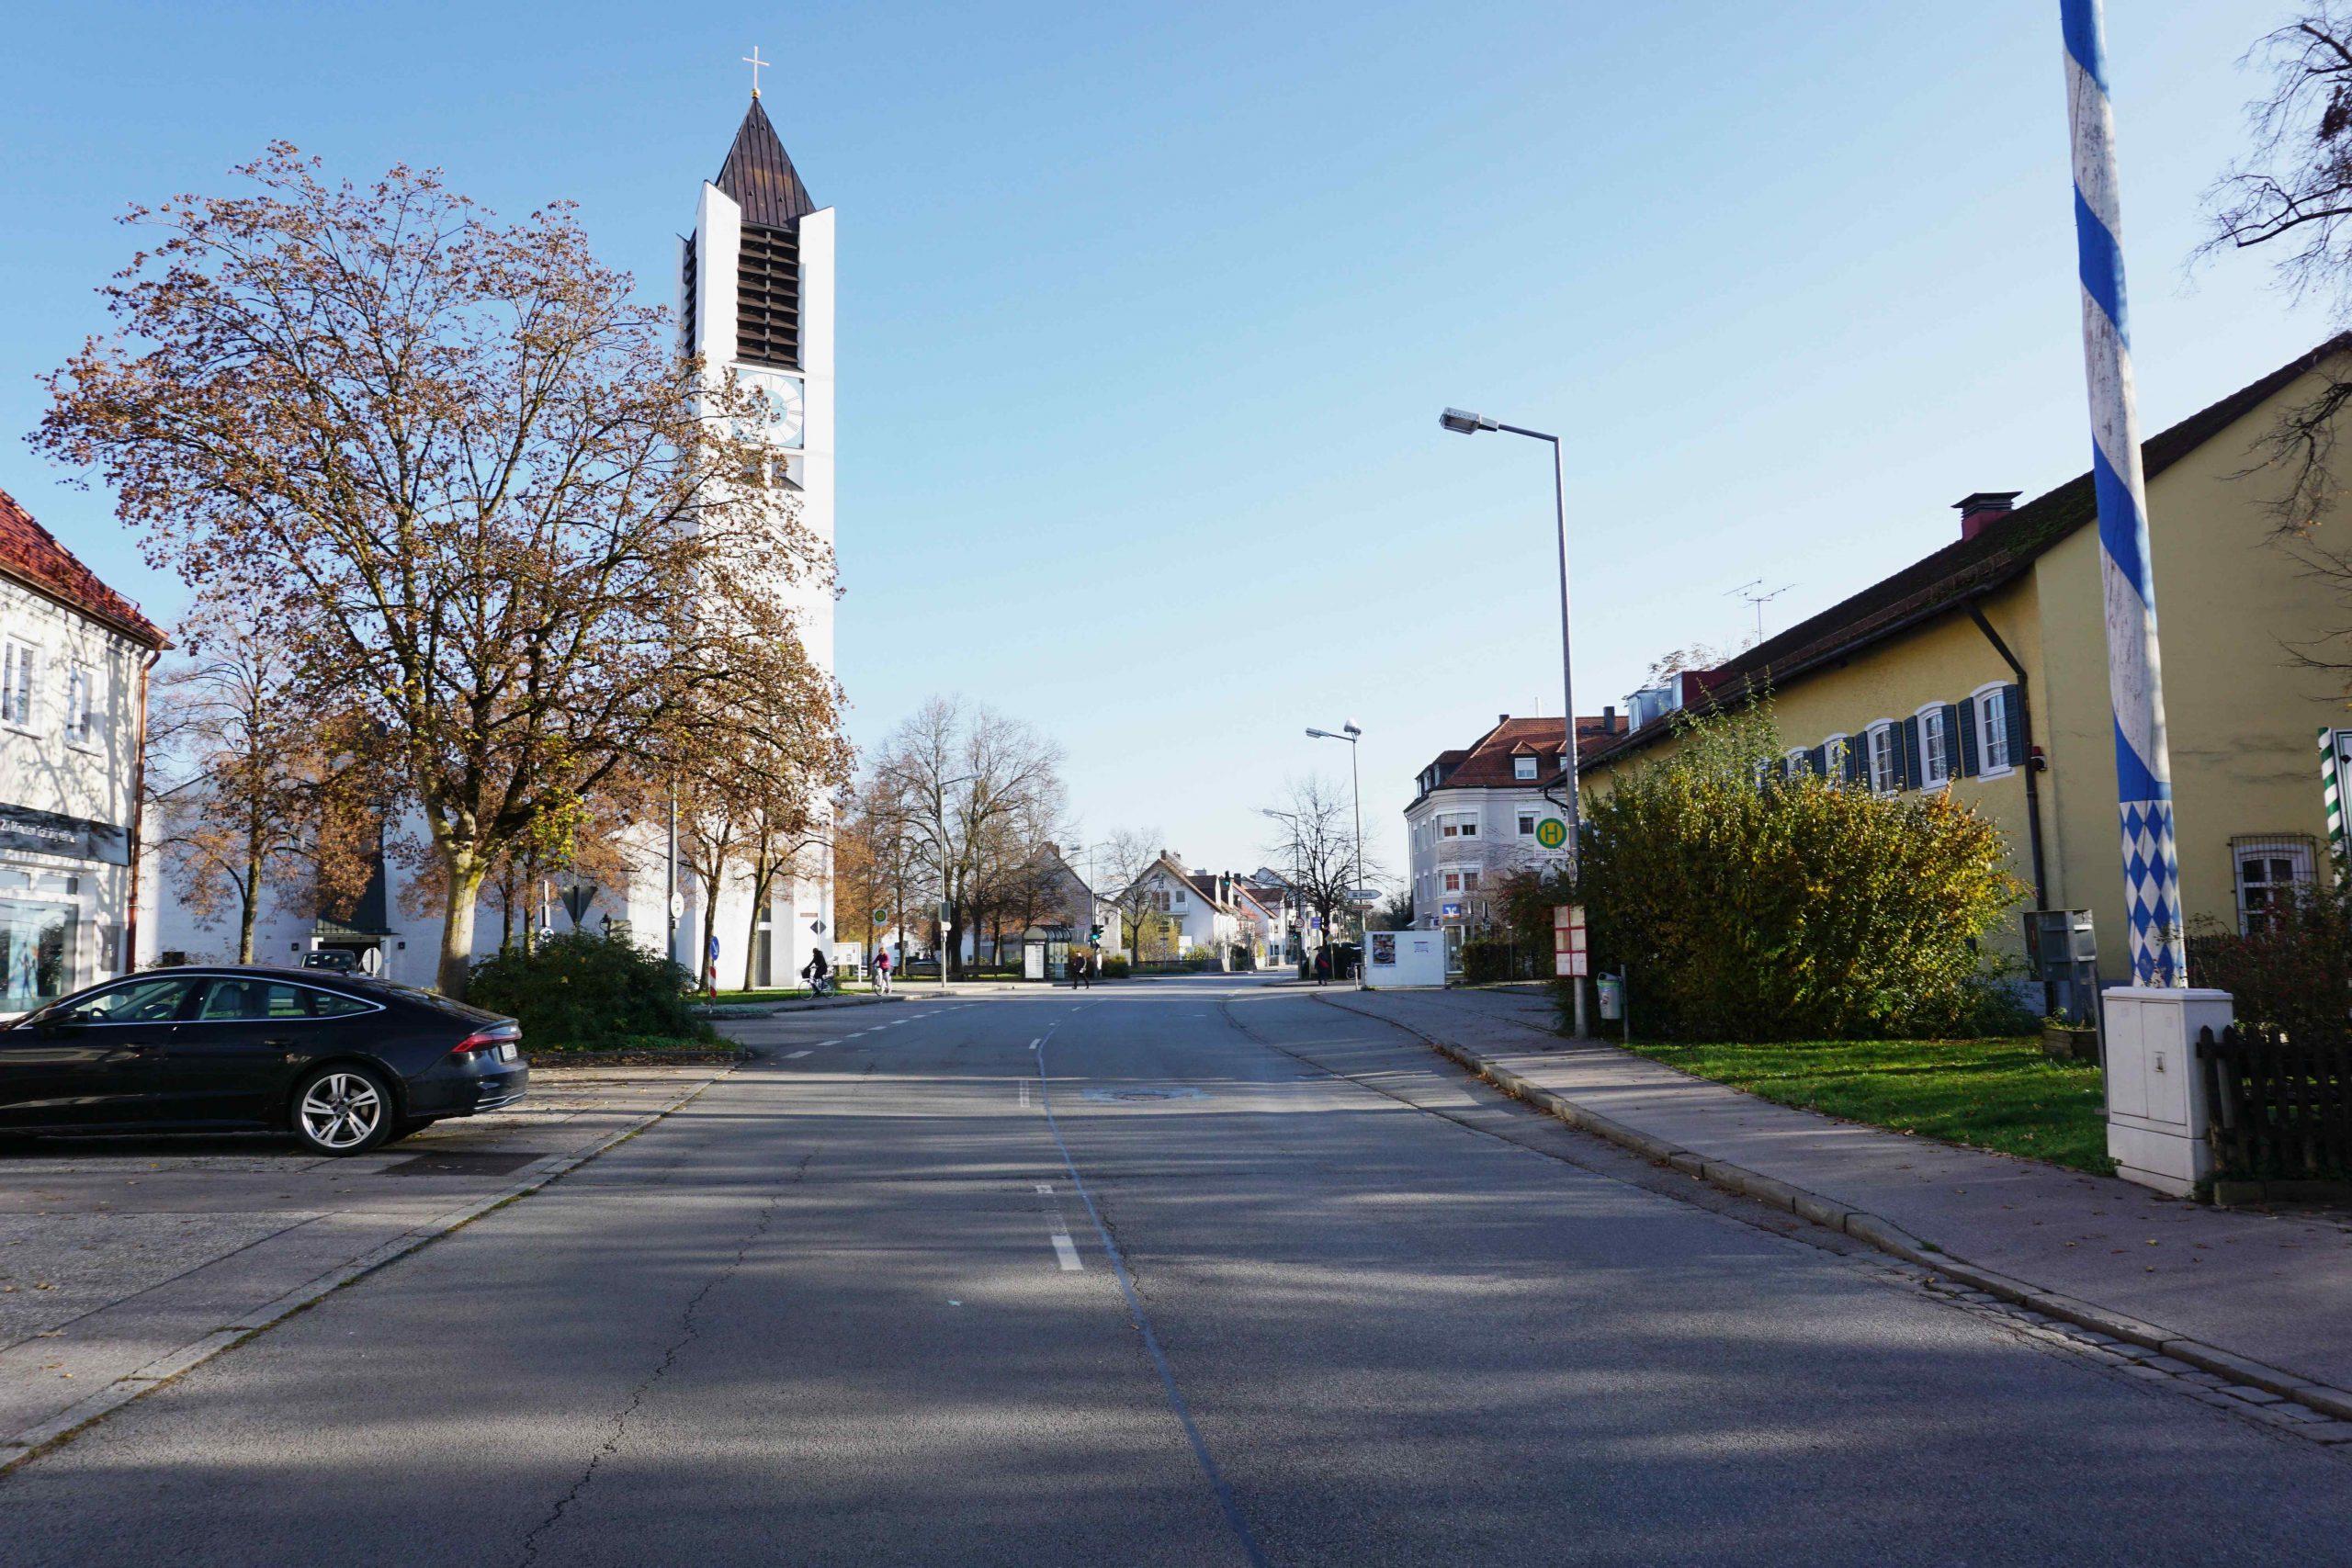 I have a dream: Erdinger Straße